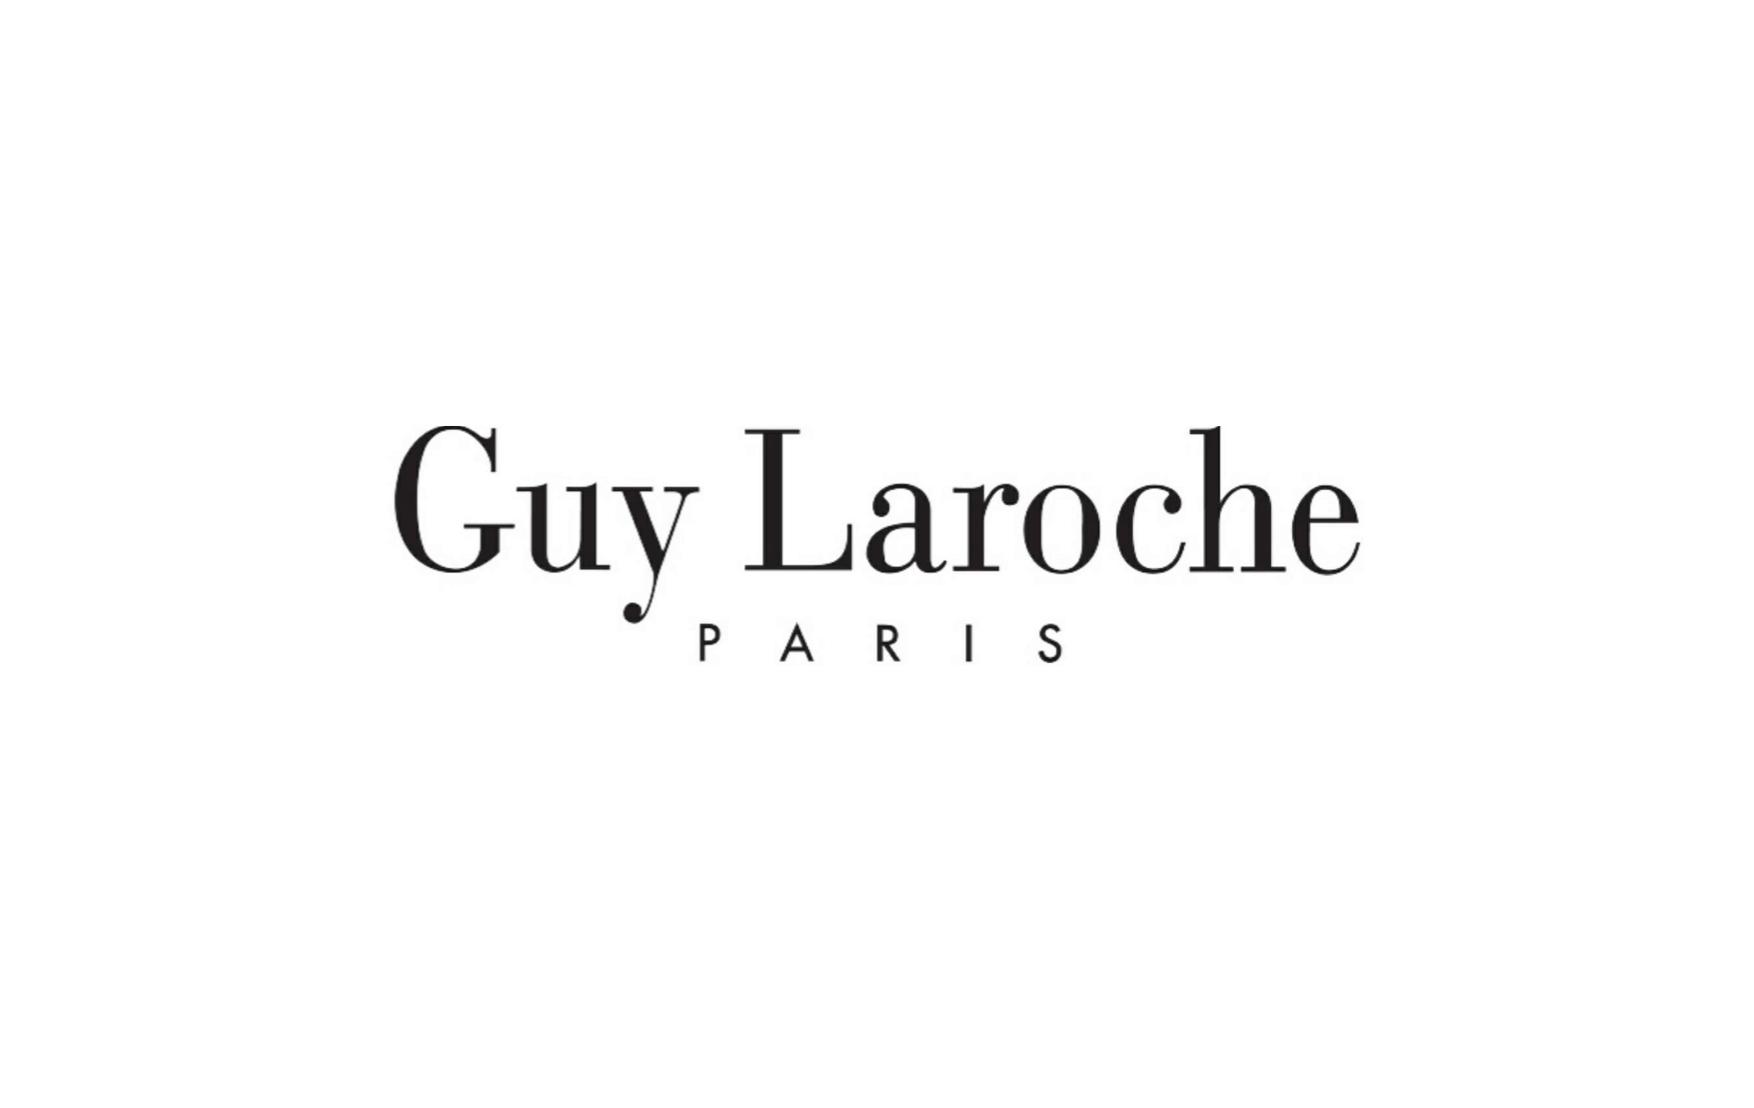 غاي لاروش Guy Laroche